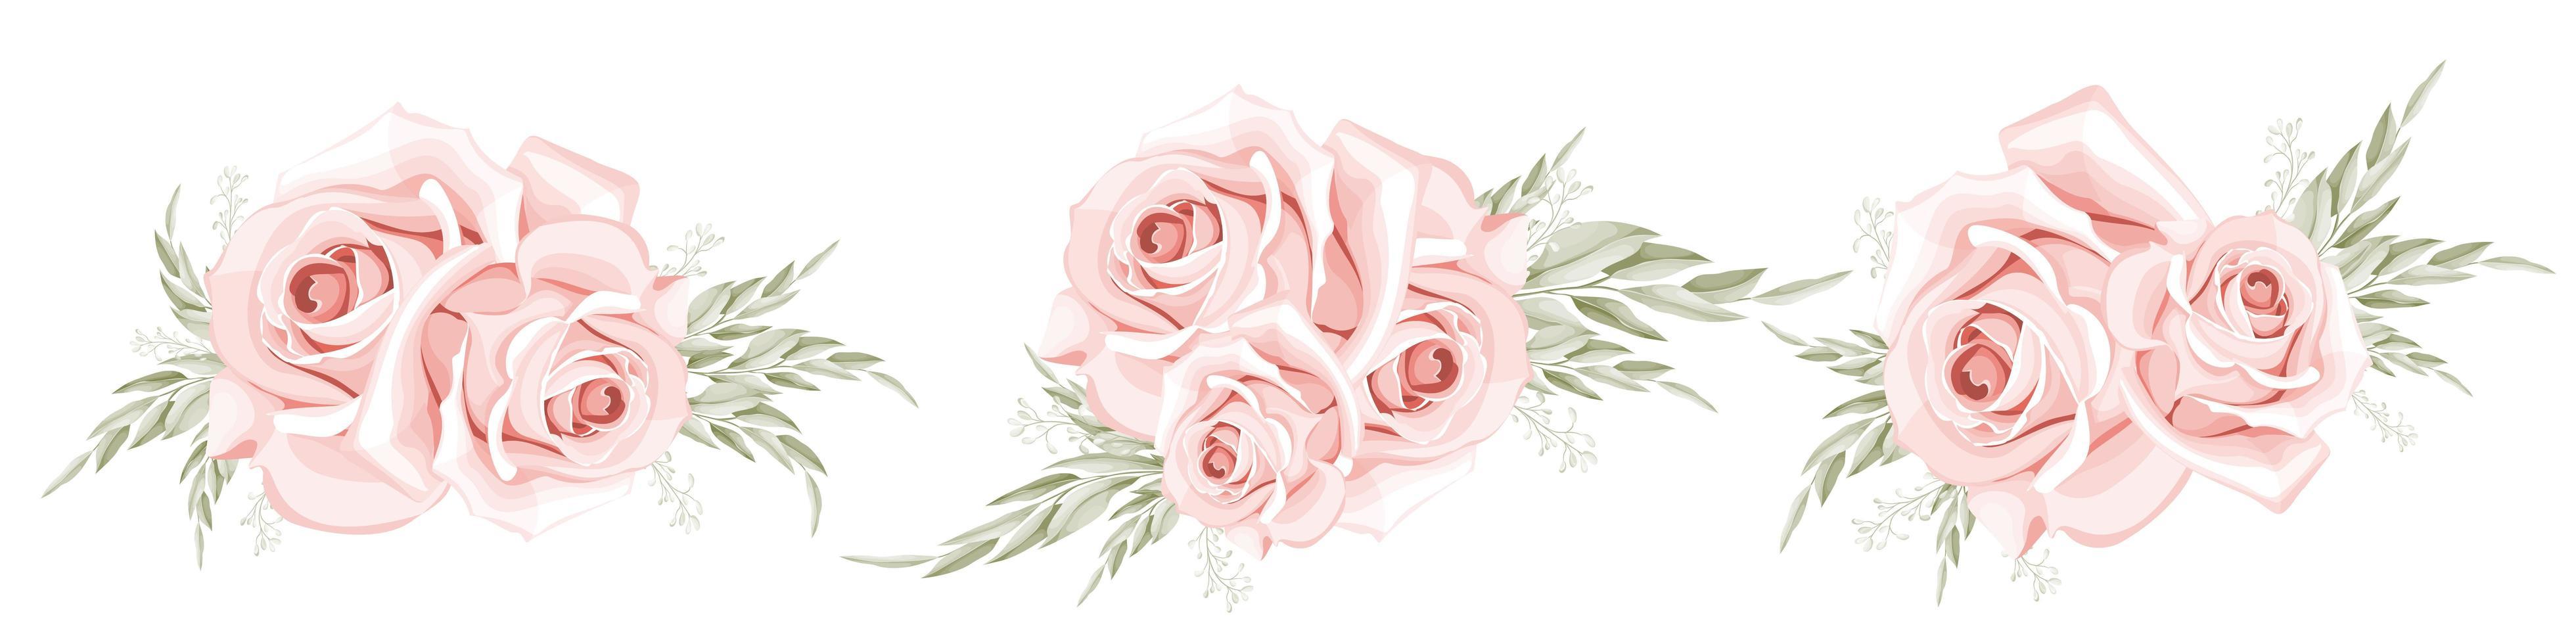 ensemble de bouquet de roses aquarelle vecteur